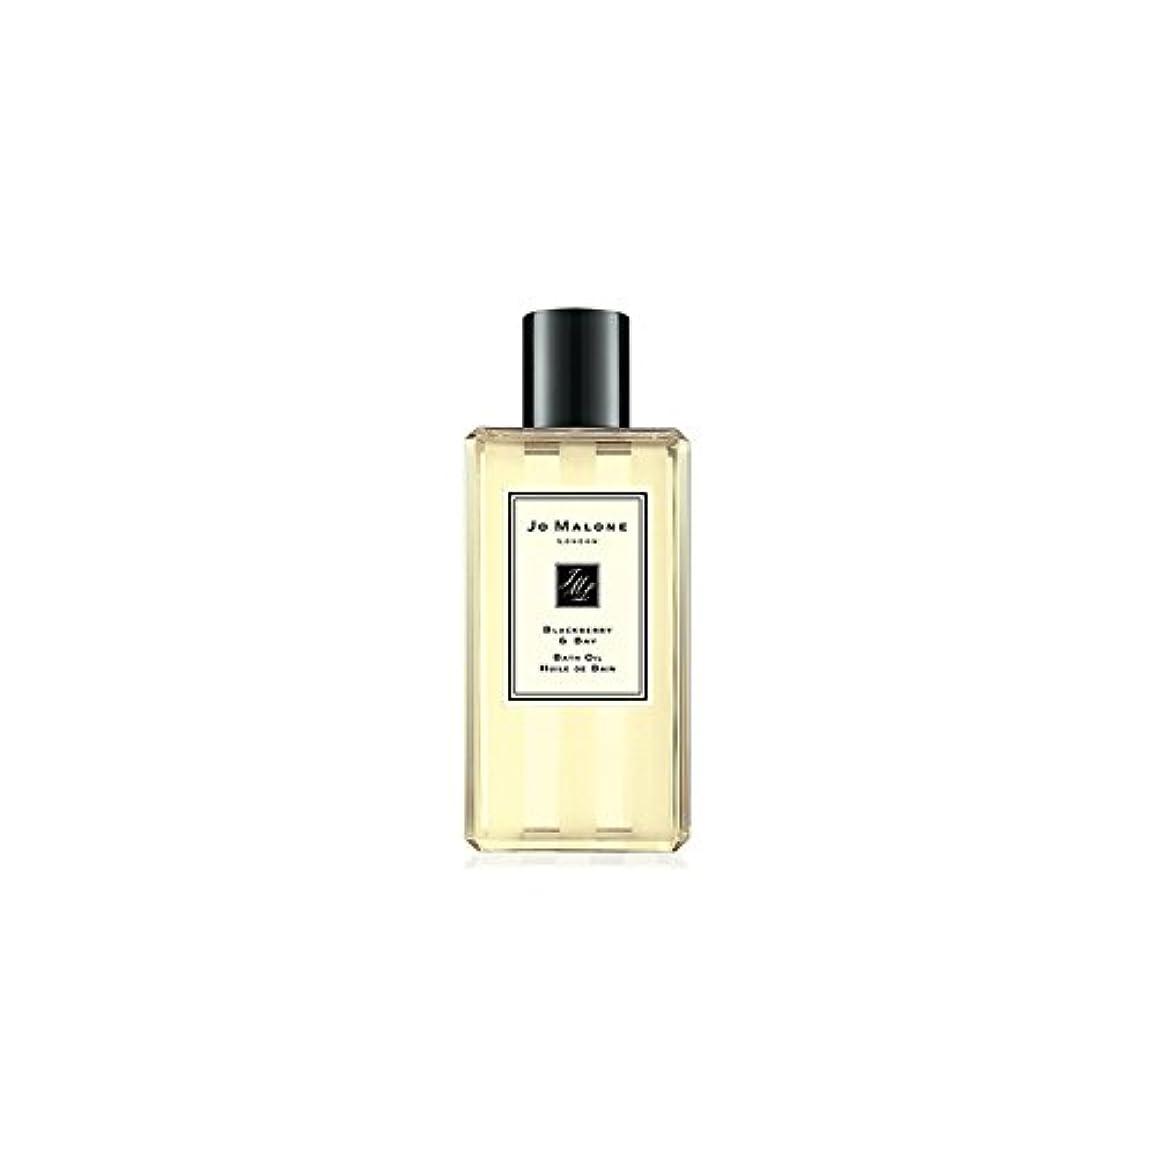 おとこ地殻場合Jo Malone Blackberry & Bay Bath Oil - 250ml (Pack of 2) - ジョーマローンブラックベリー&ベイバスオイル - 250ミリリットル (x2) [並行輸入品]